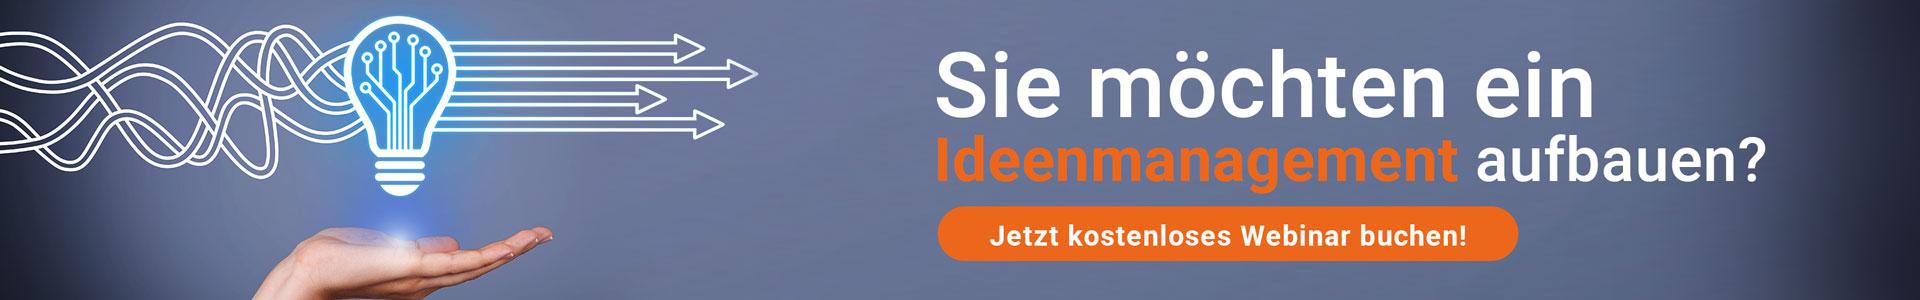 innolytics-ideenmanagement-aufbauen-webinar